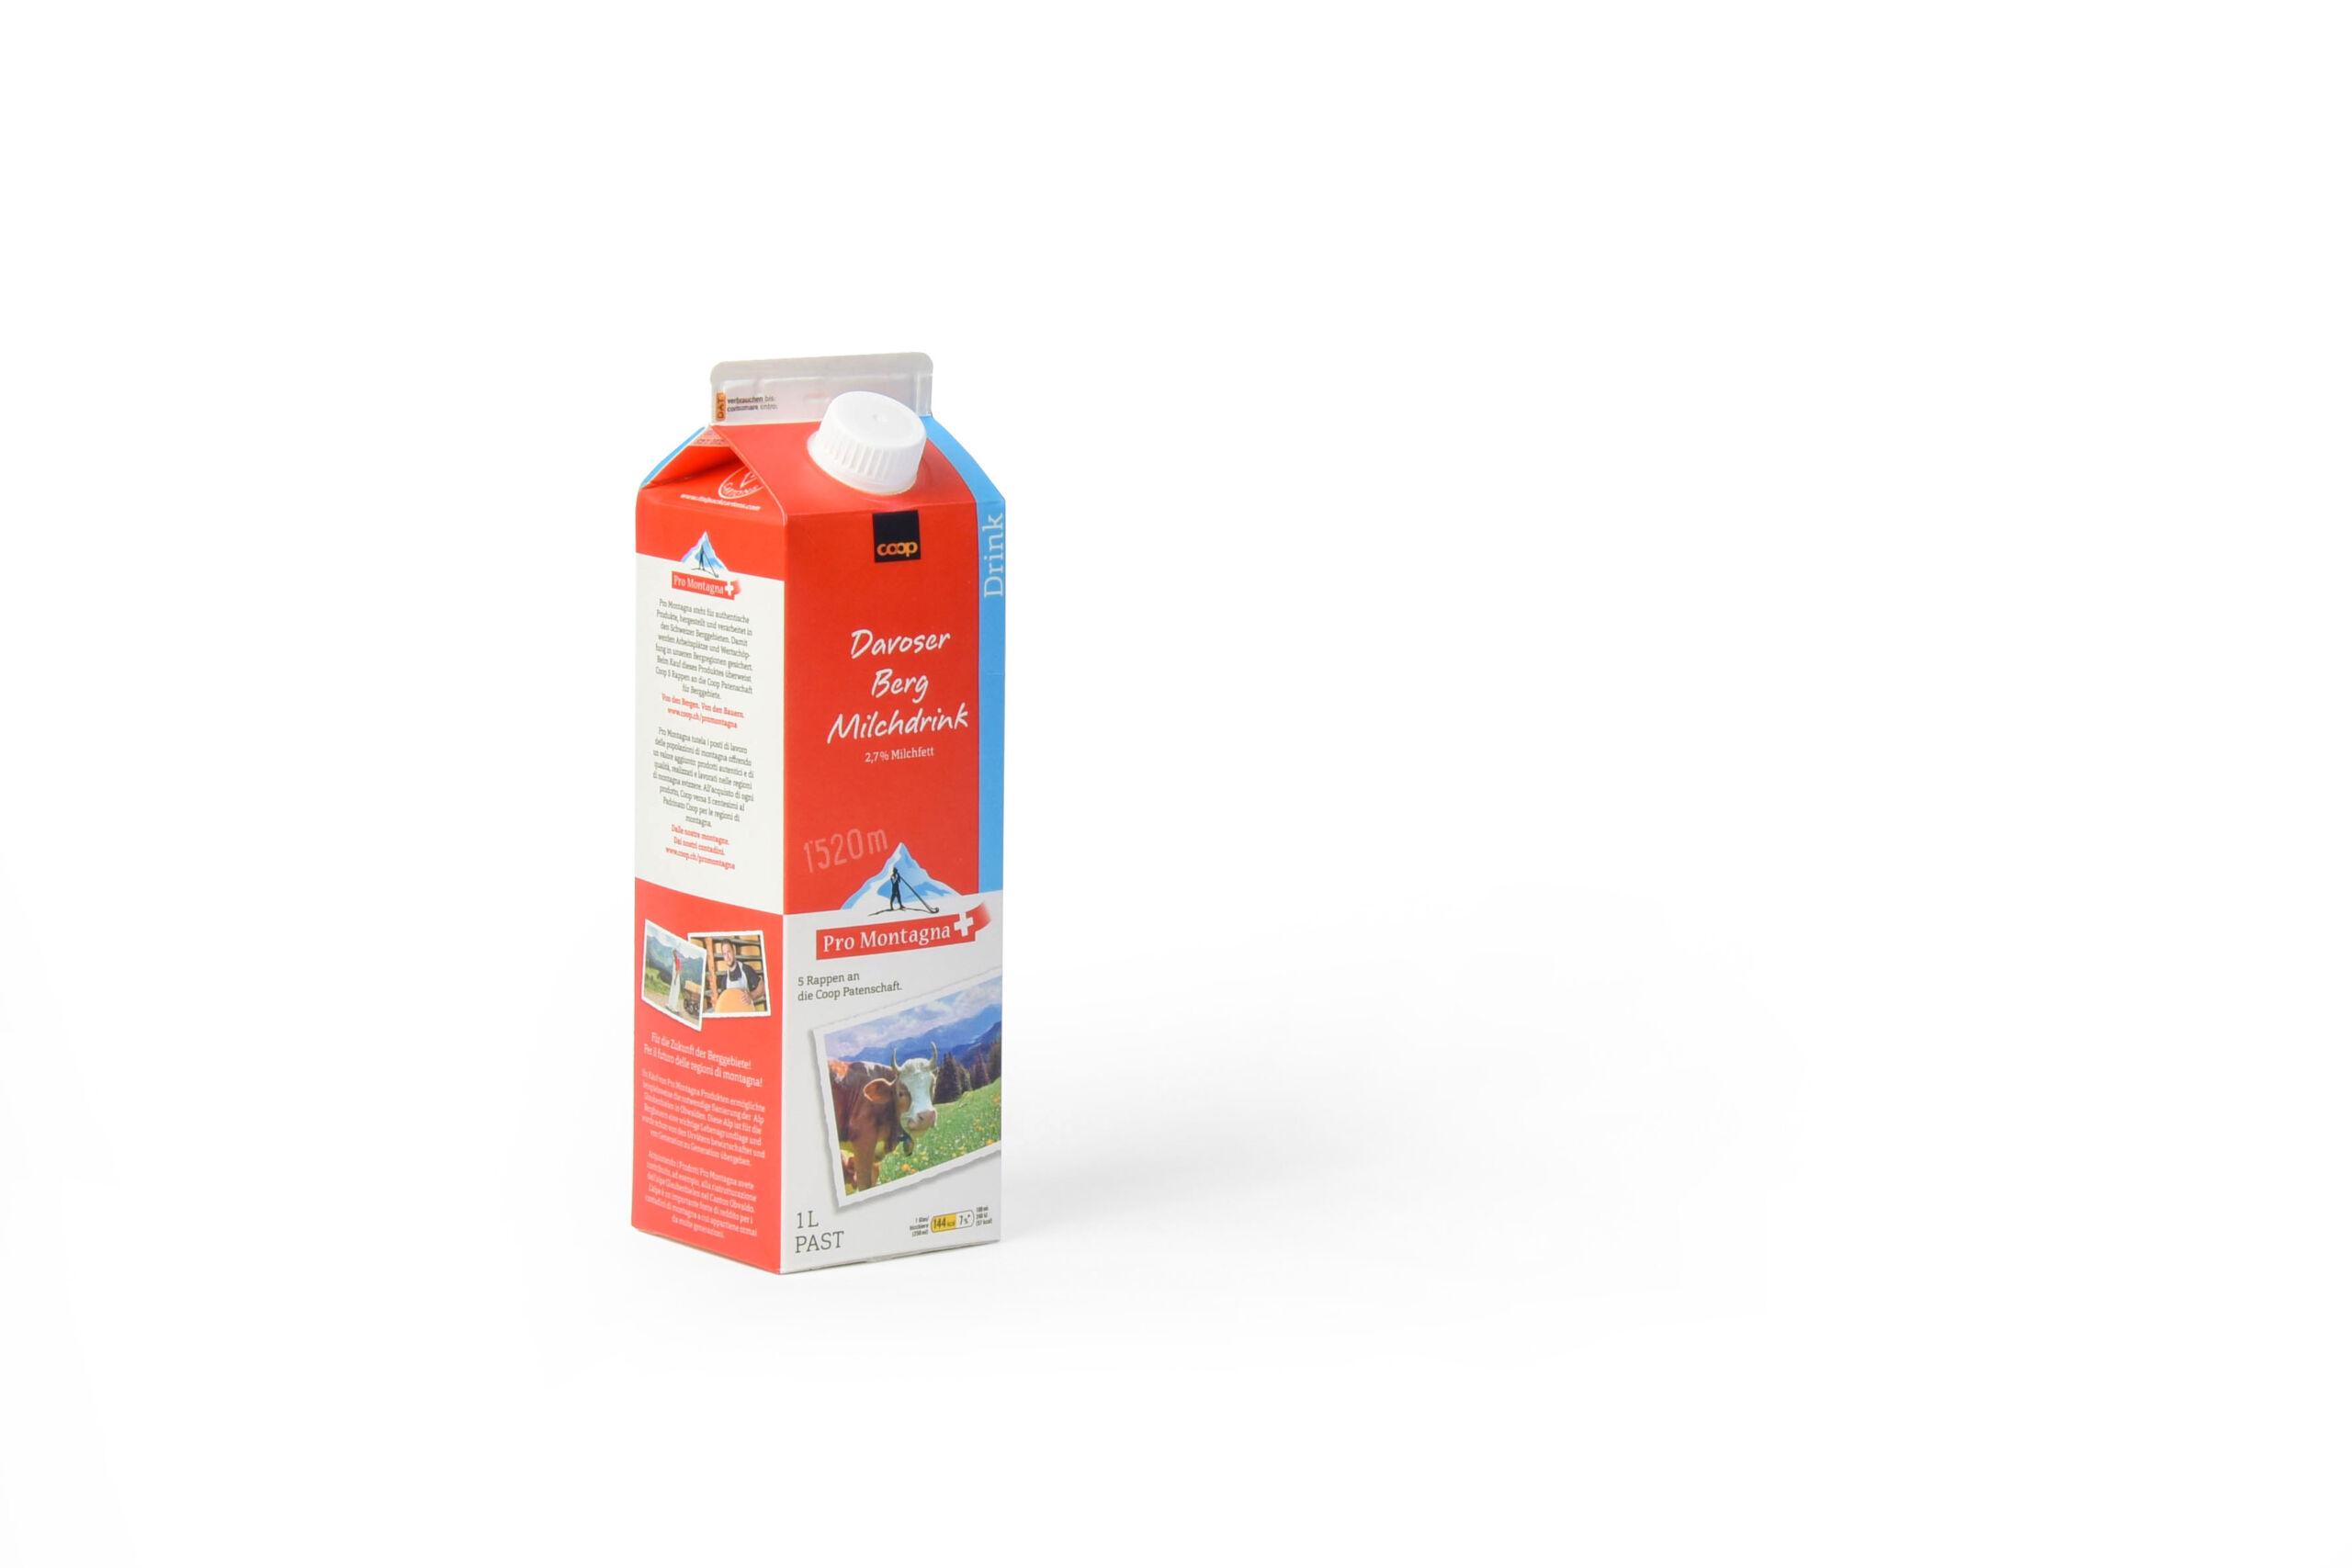 DSC_2277 Davoser Berg Milchdrink Kopie